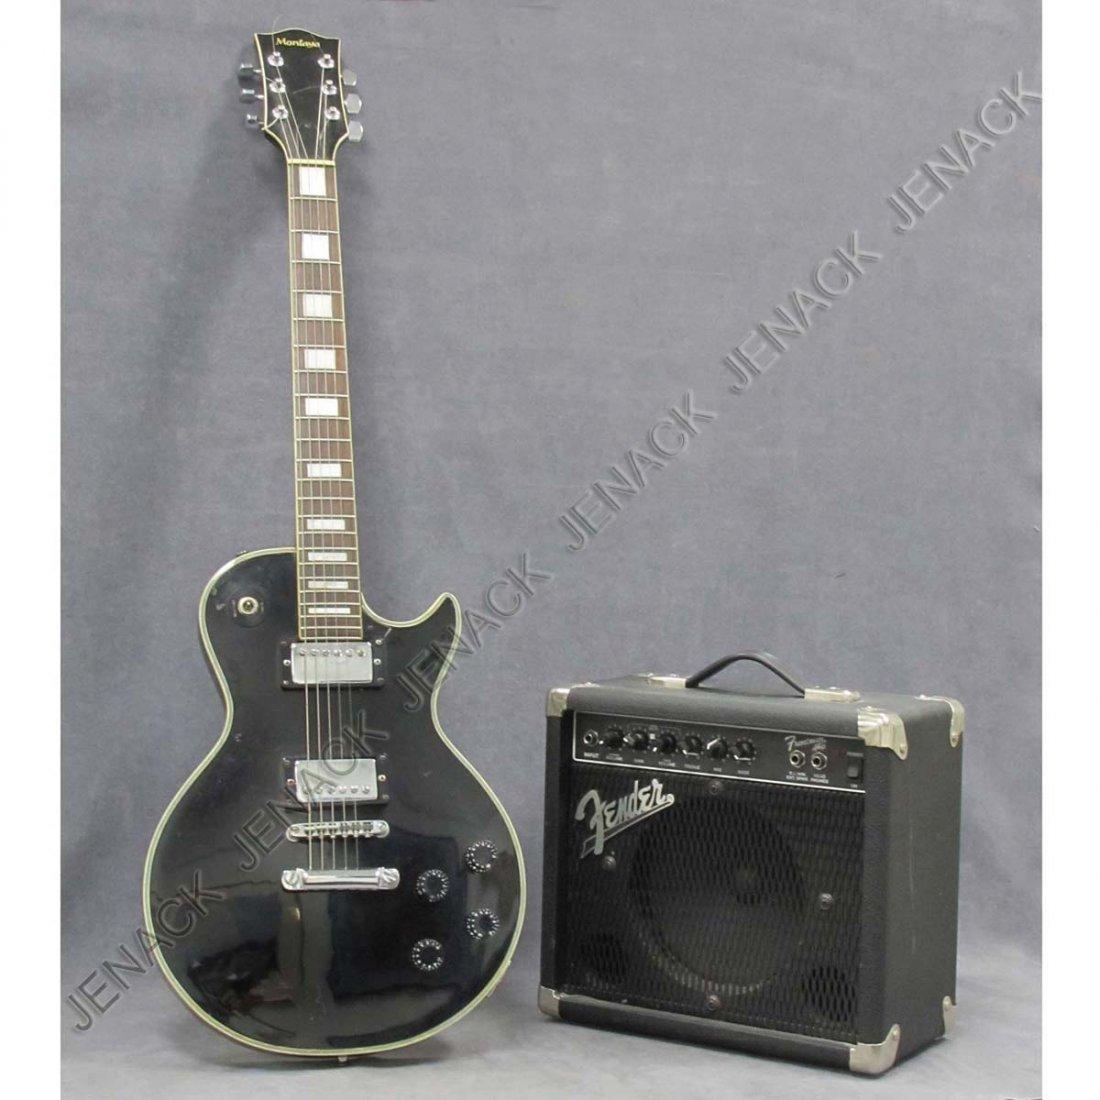 3: MONTAYA ELECTRIC GUITAR & FENDER AMP